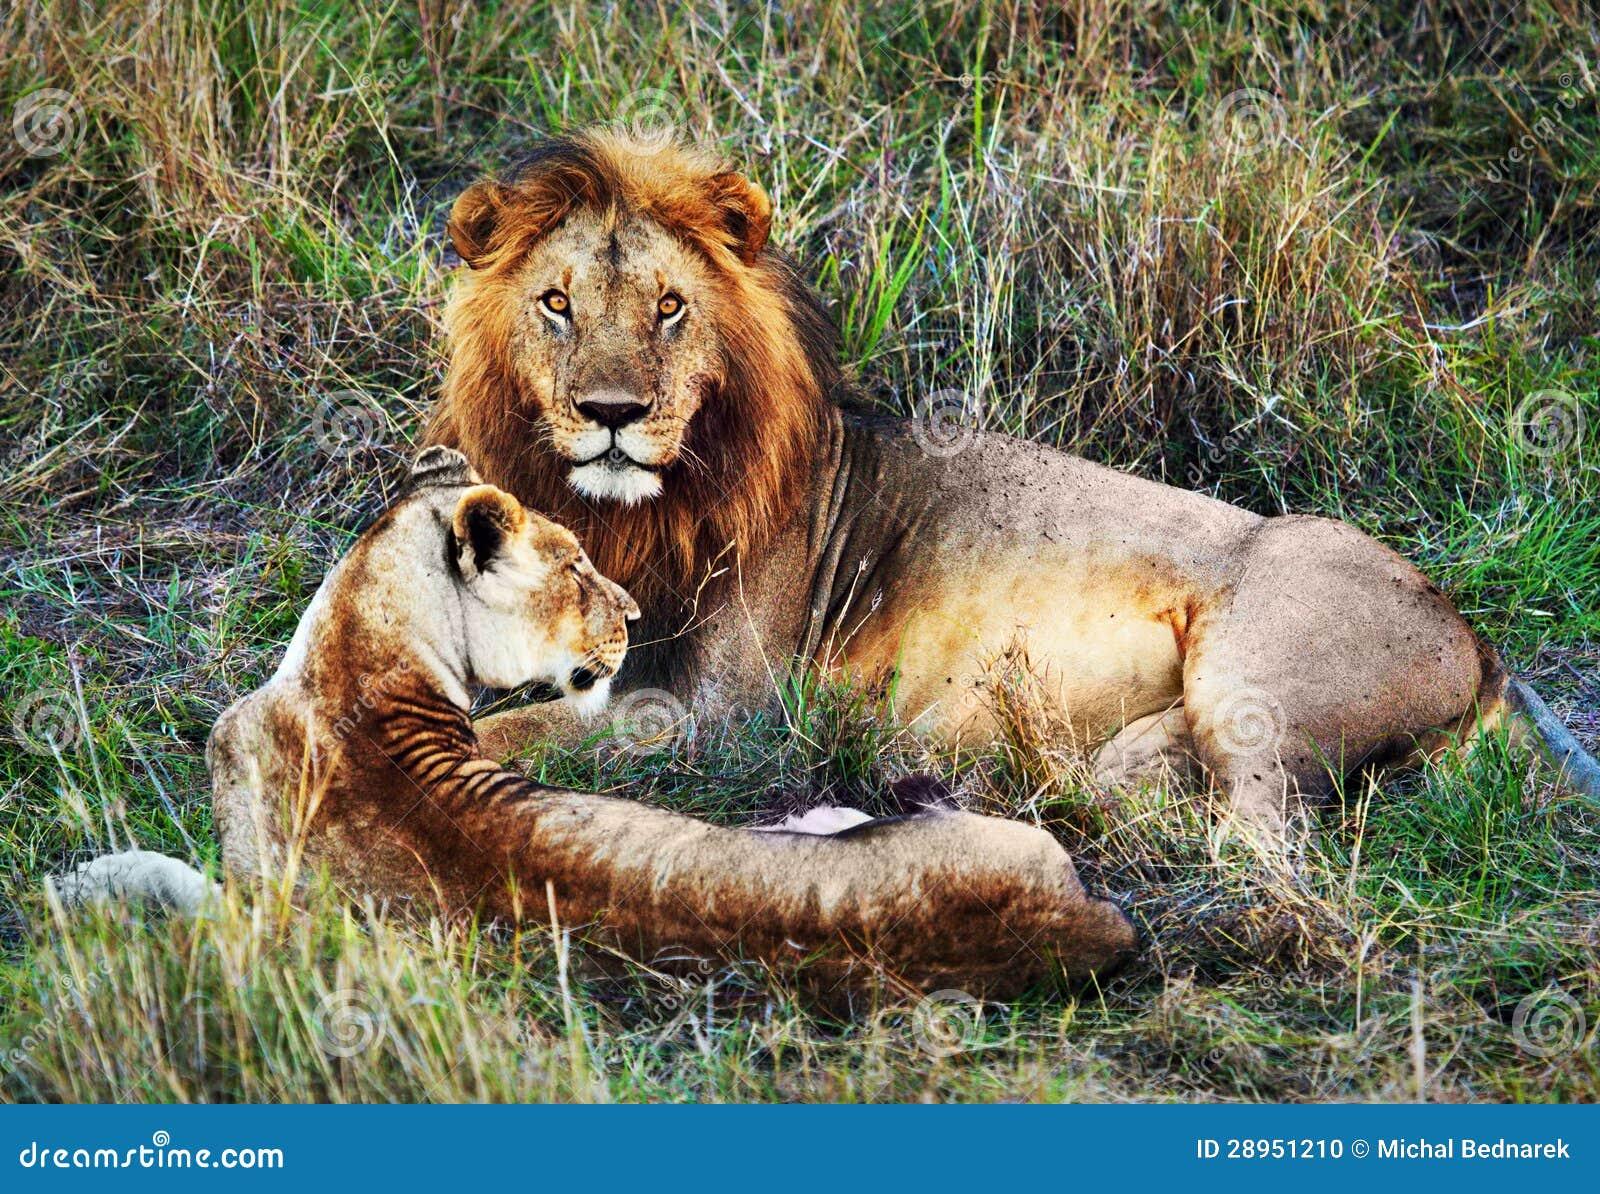 Męski lew i kobieta lew. Safari w Serengeti, Tanzania, Afryka